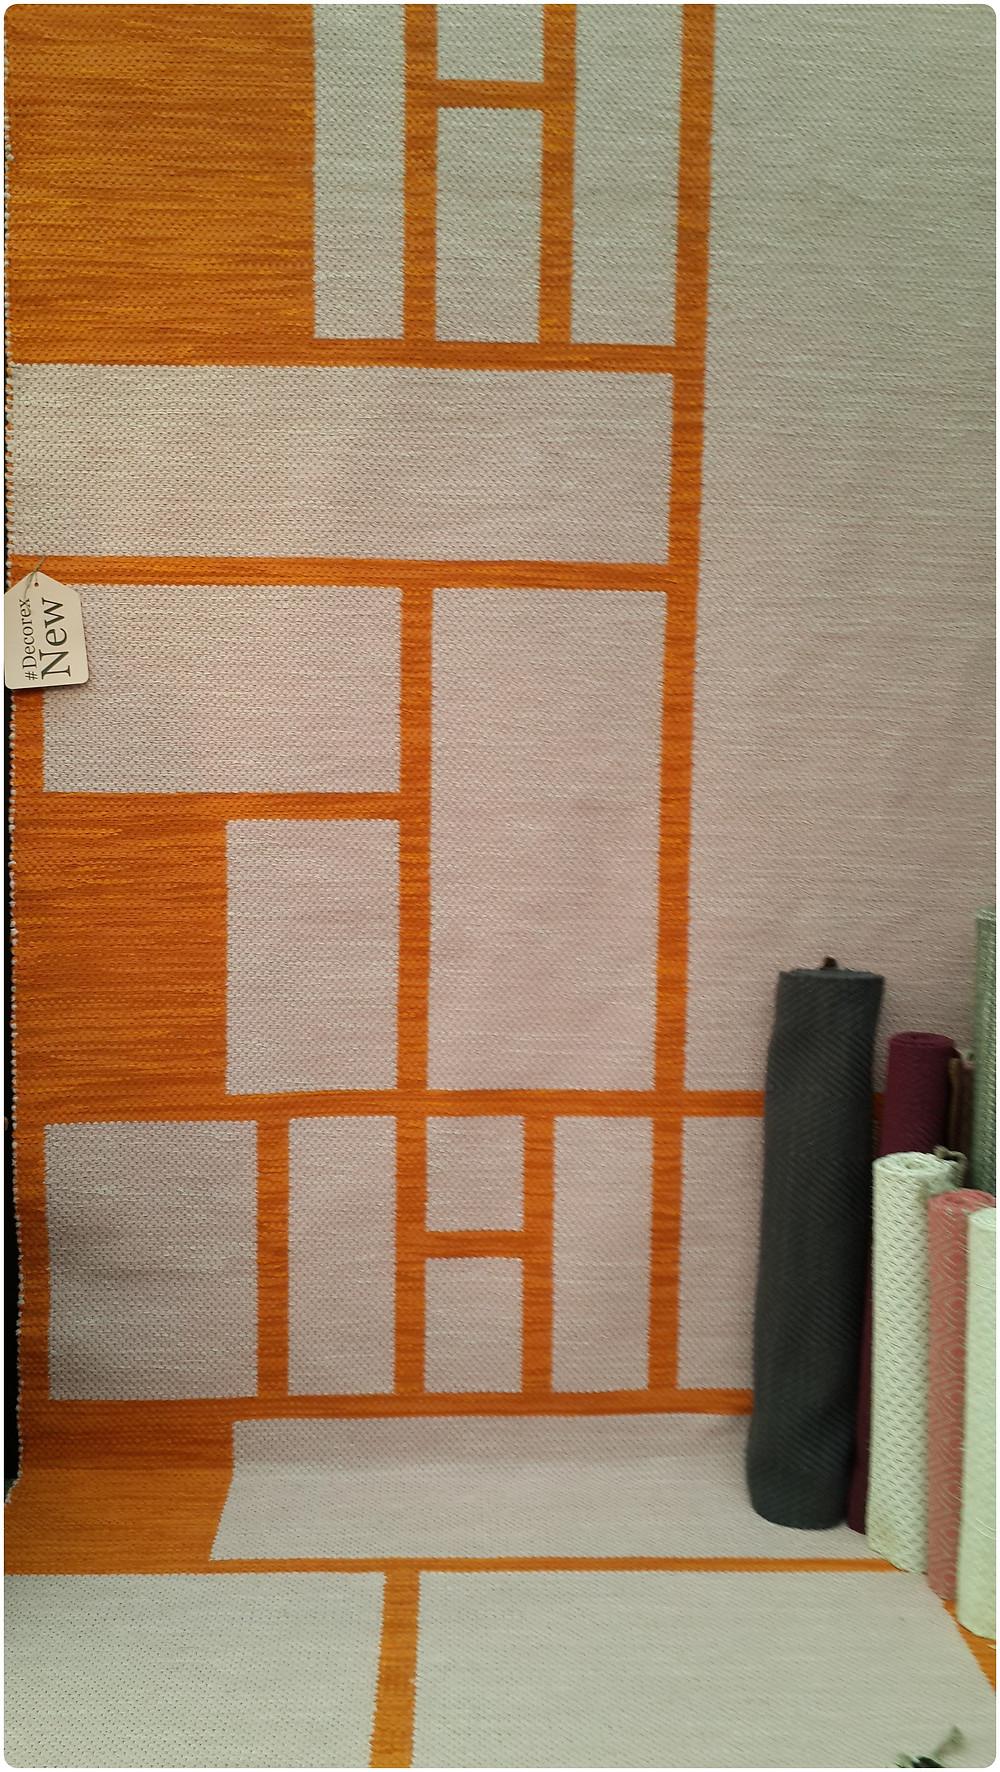 שטיחים בצורות גאומטריות בתערוכת העיצוב בלונדון צילום ועריכה: רויטל רודצקי עיצוב פנים והום סטיילינג